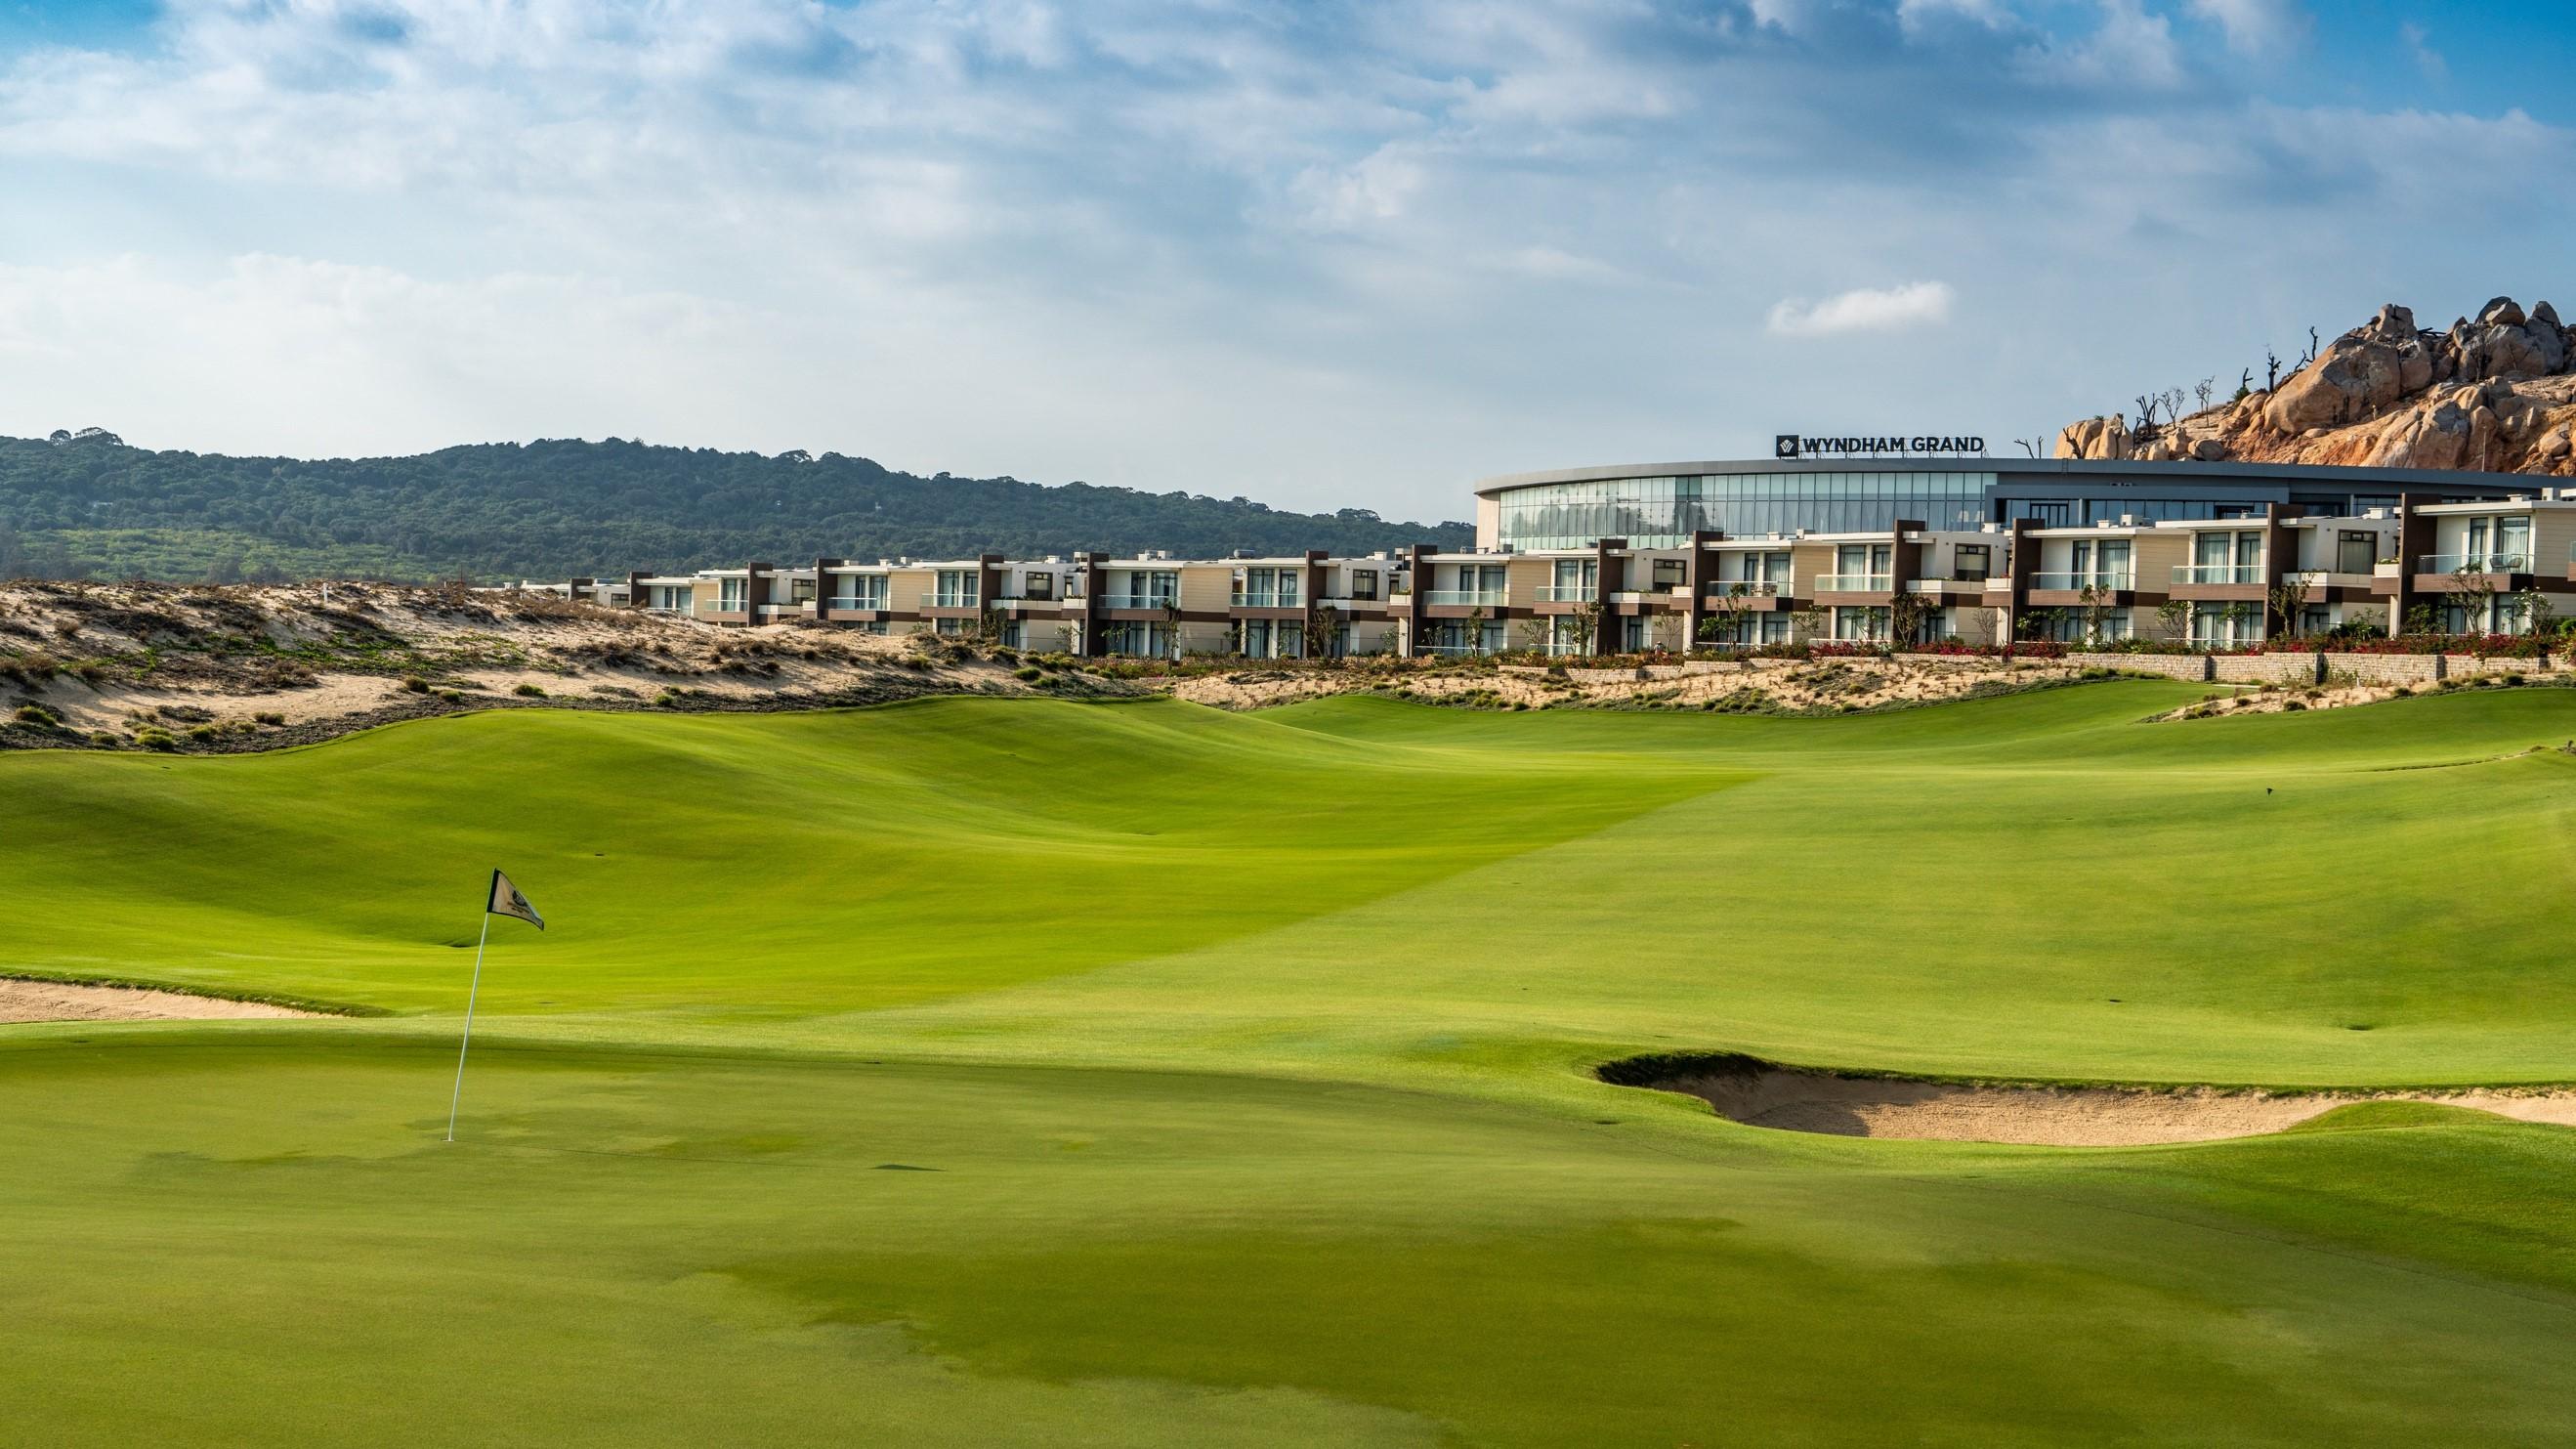 Cơ hội sở hữu nhà phố biển kề sân golf, biệt thự triệu đôla 1